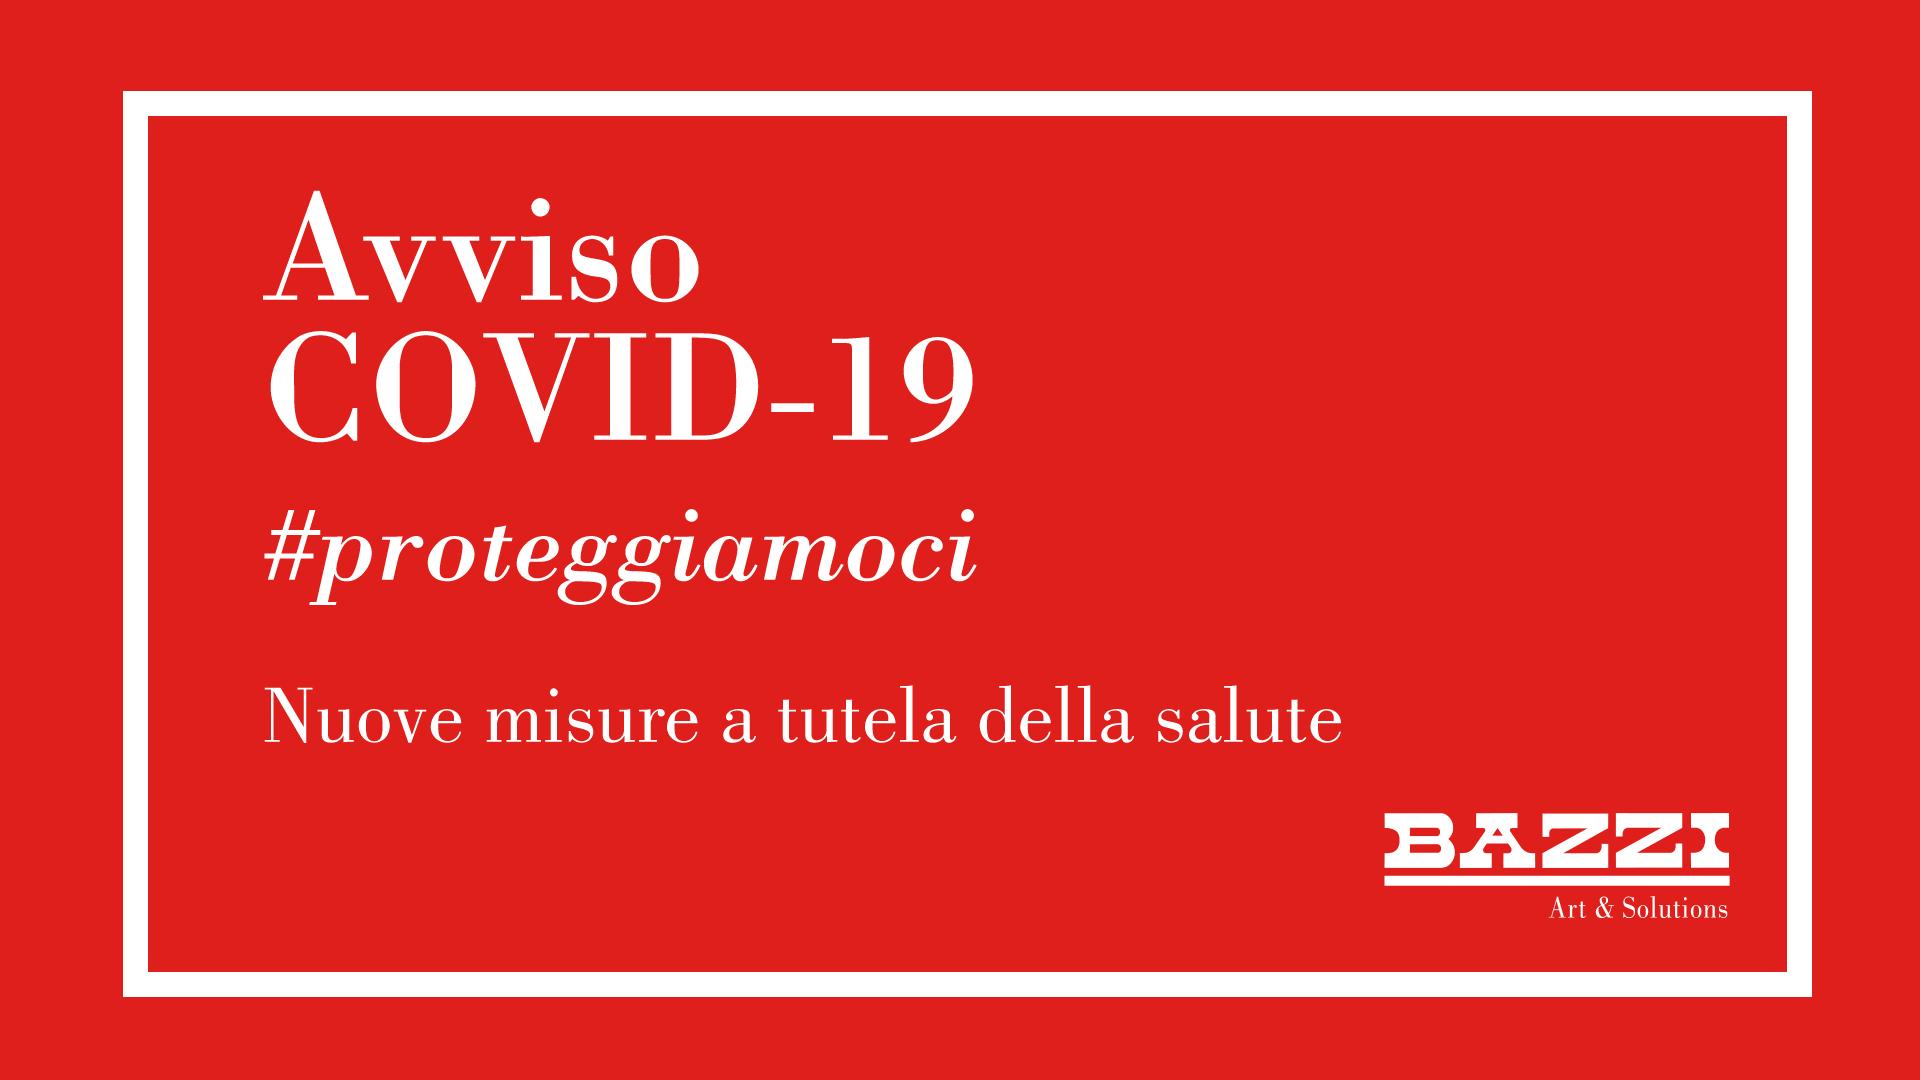 COVID-19 #proteggiamoci